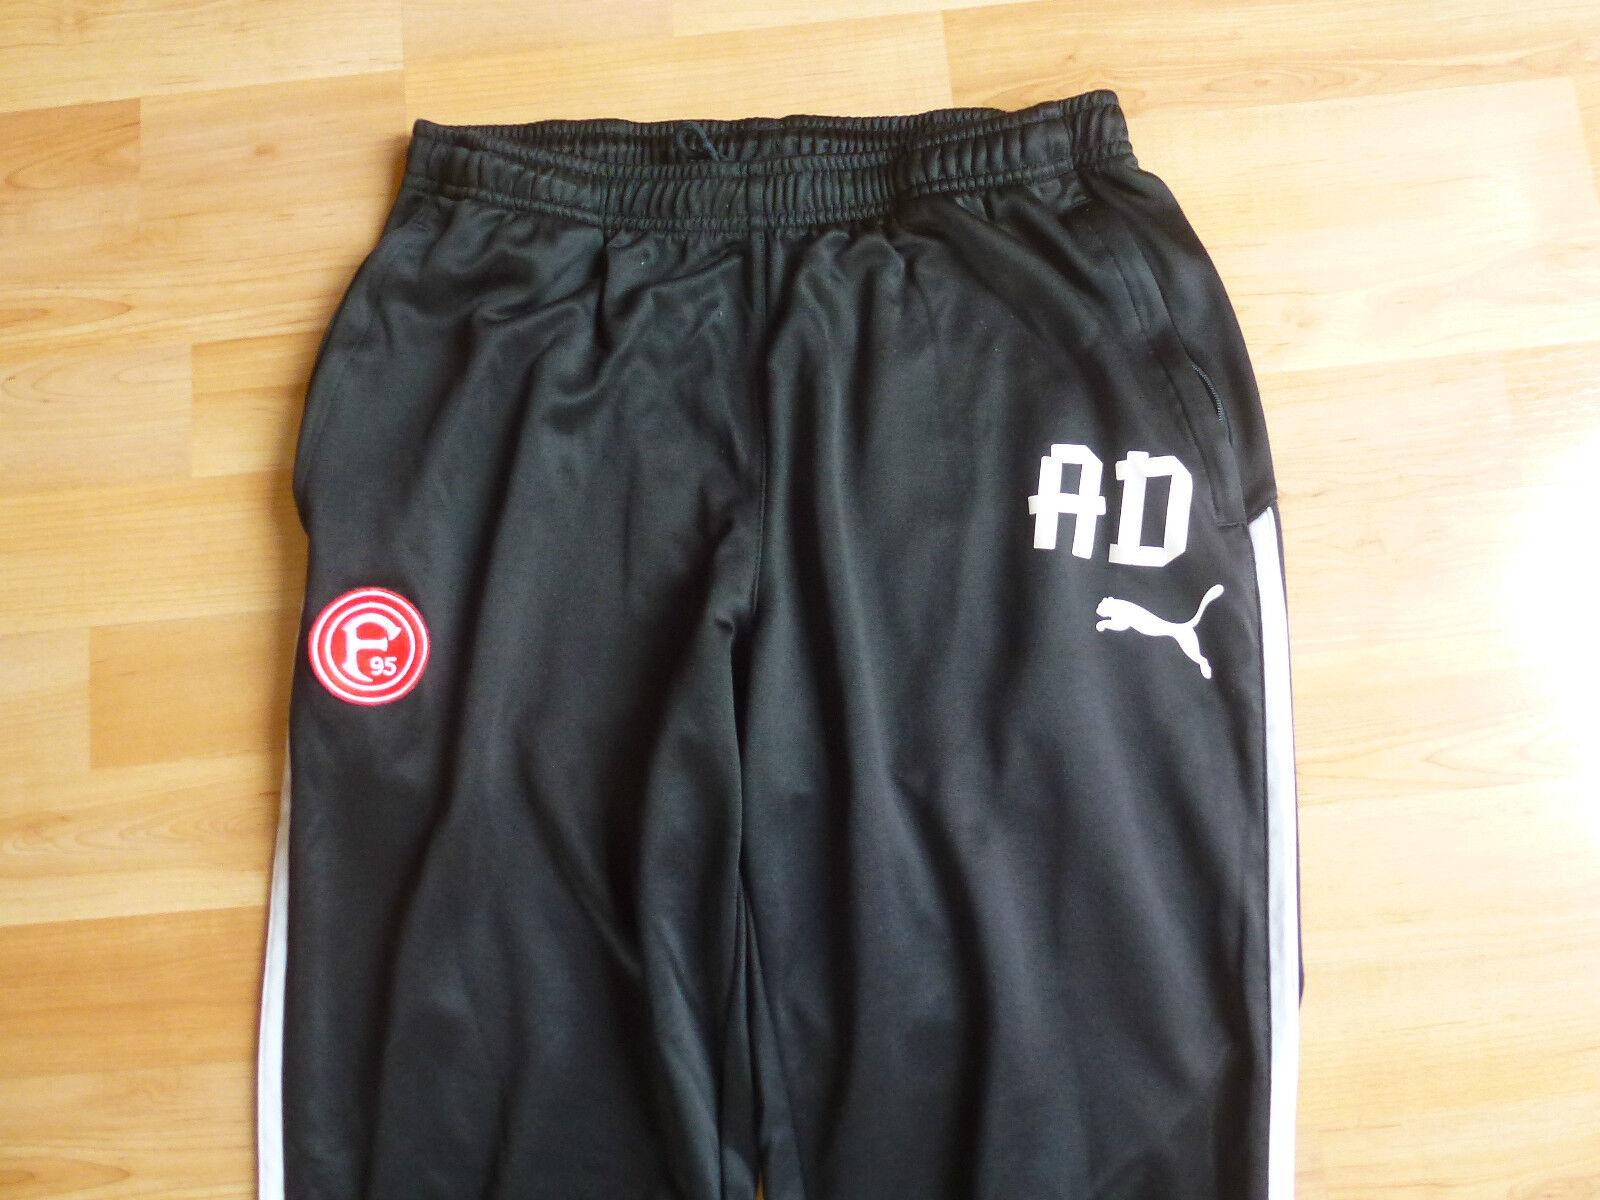 Trainingshose Axel Dörrfuß Dörrfuß Dörrfuß Fitnesstrainer Fortuna Düsseldorf F95 Gr. M  ORIGINAL 29c10e